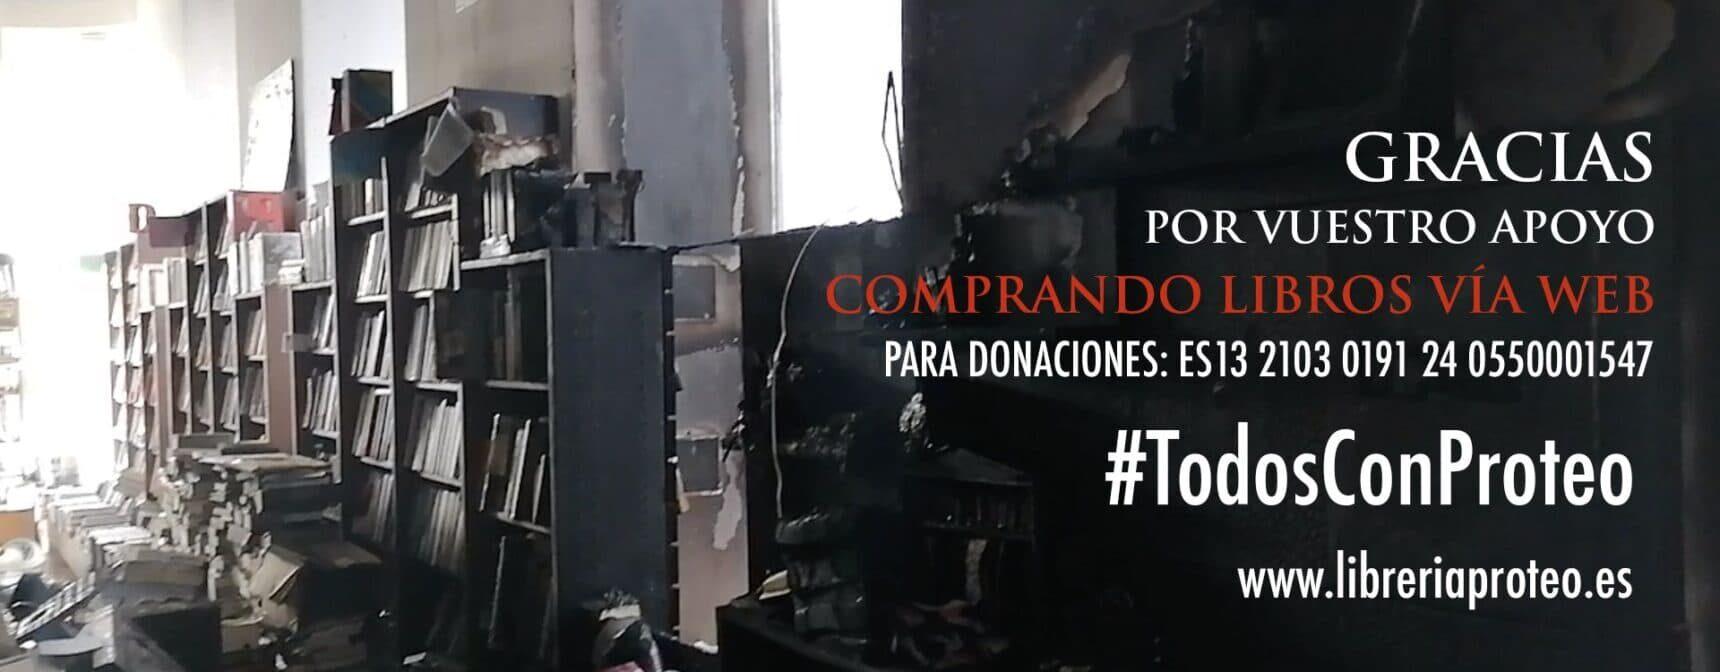 La Librería Proteo recibe una ola de solidaridad tras el incendio en sus instalaciones